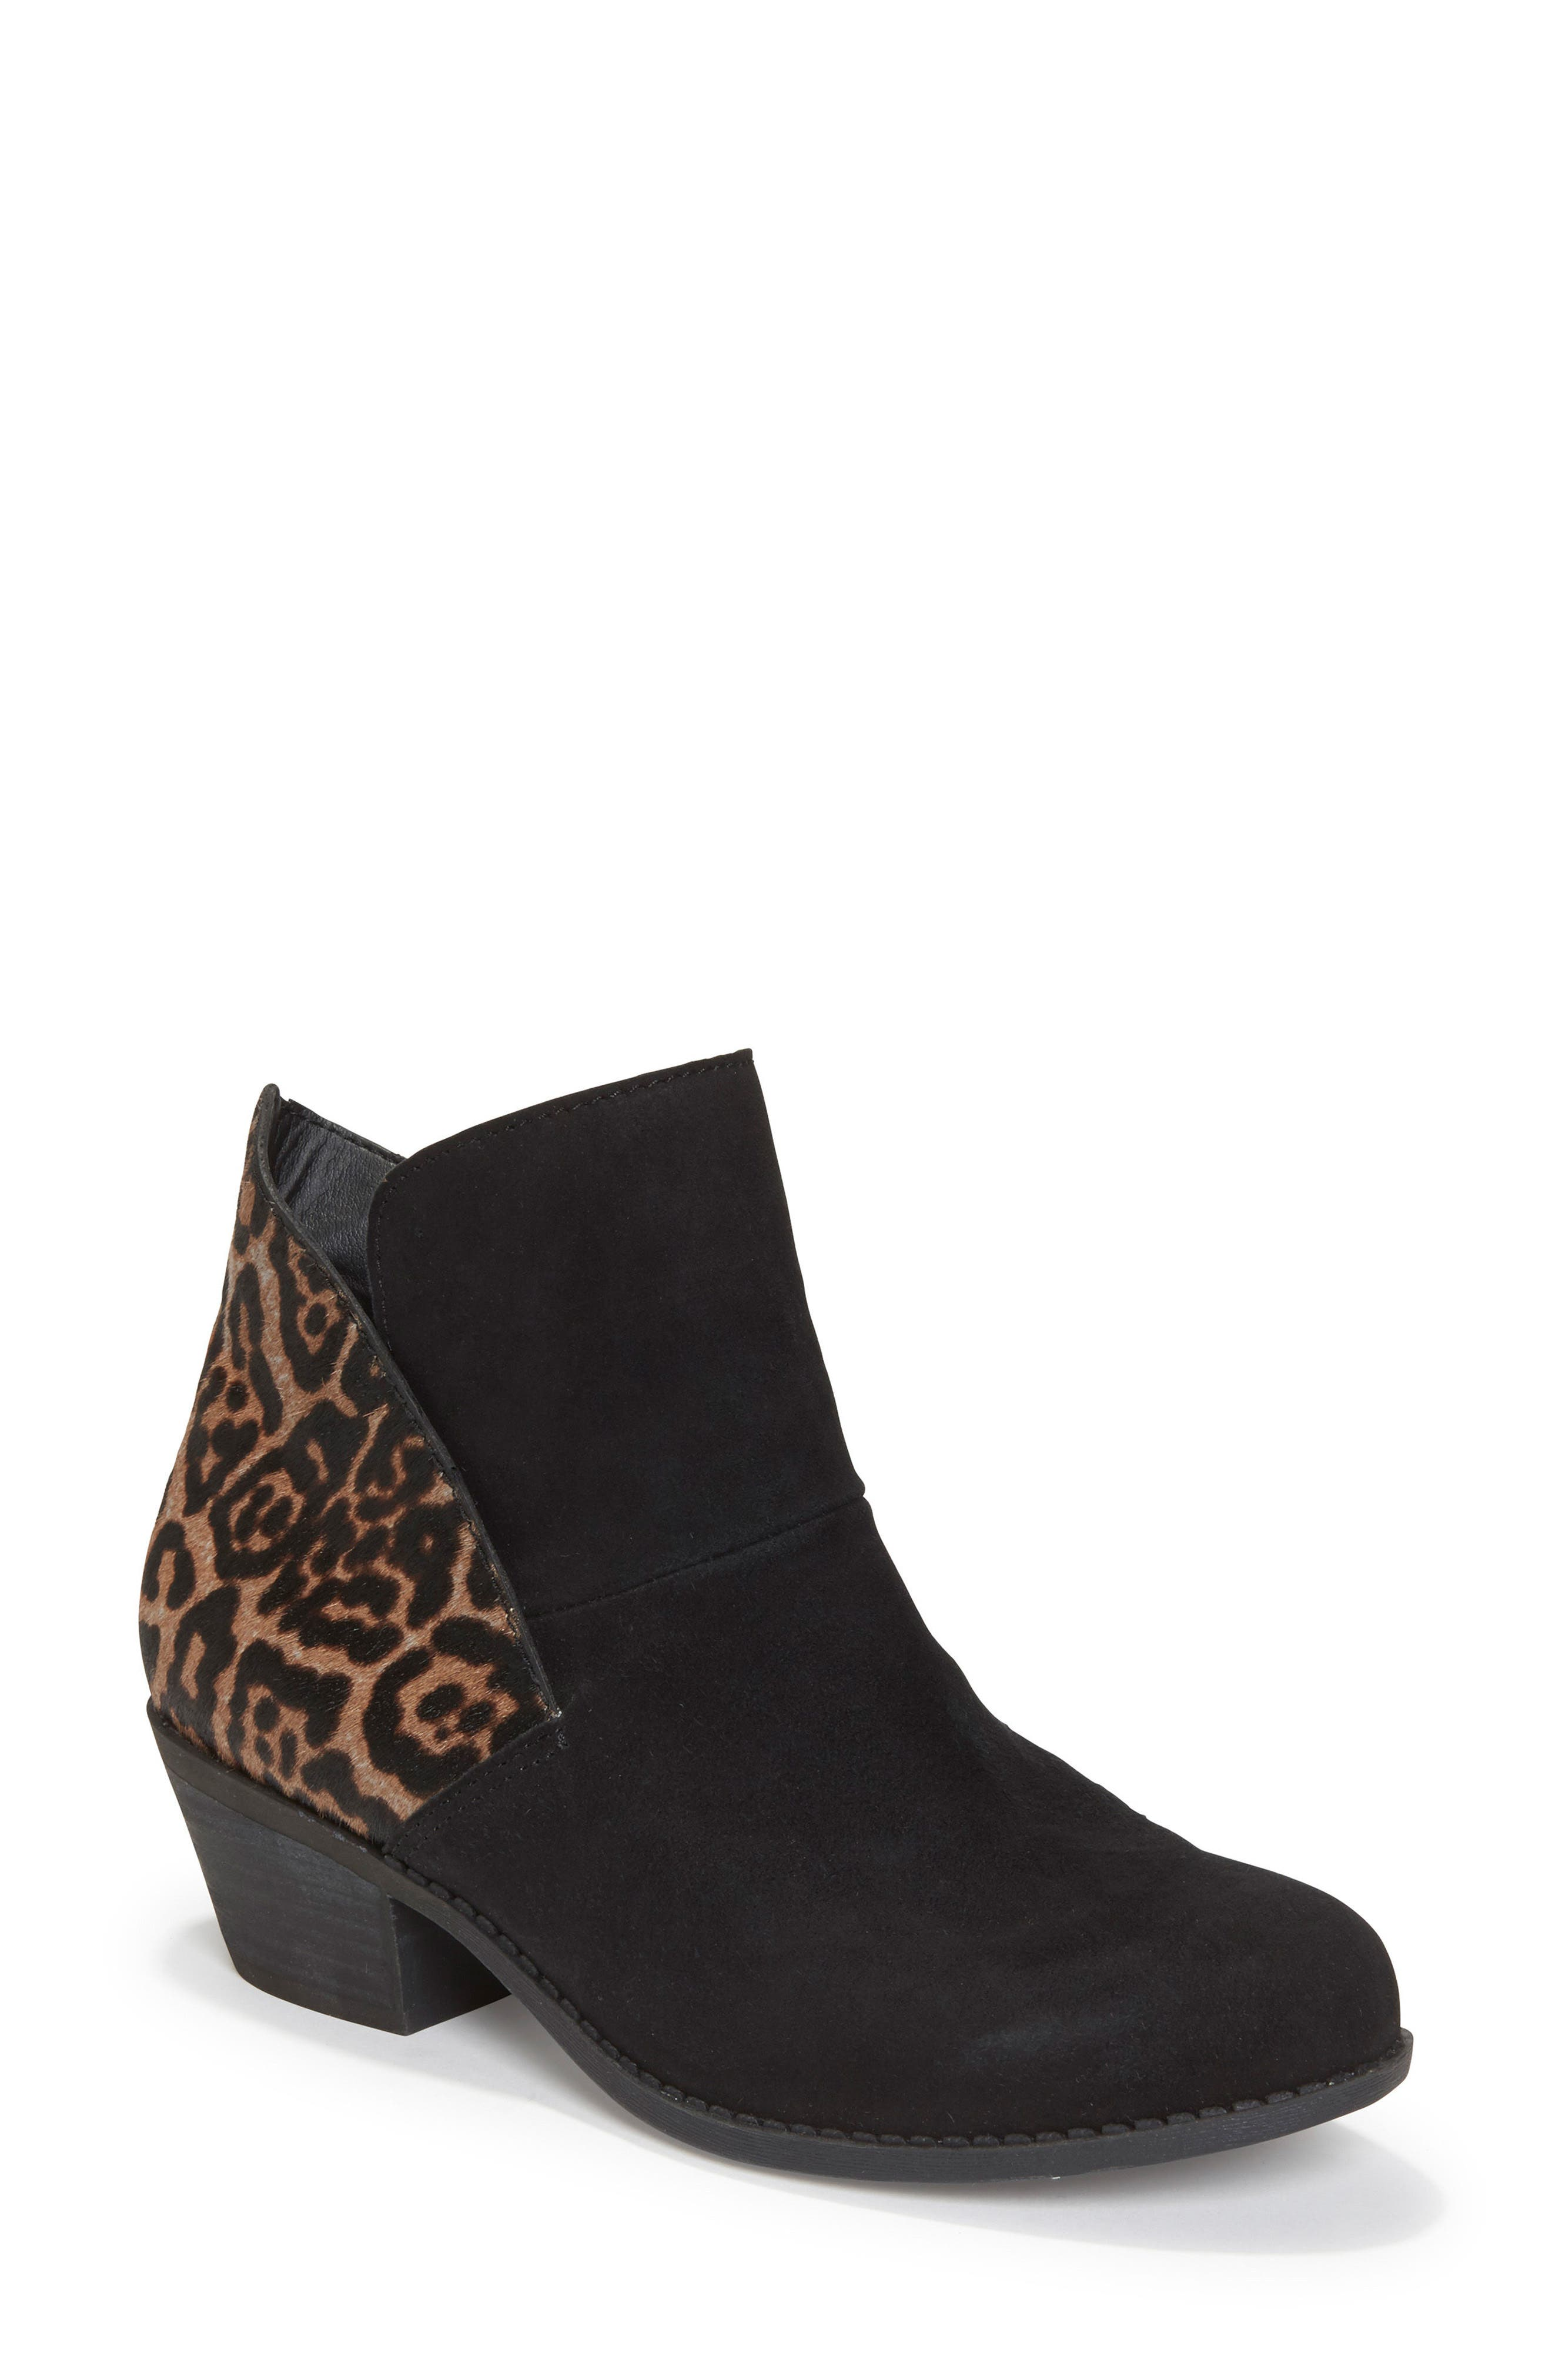 Zena Ankle Boot,                             Main thumbnail 1, color,                             Black/ Ash Jaguar Suede